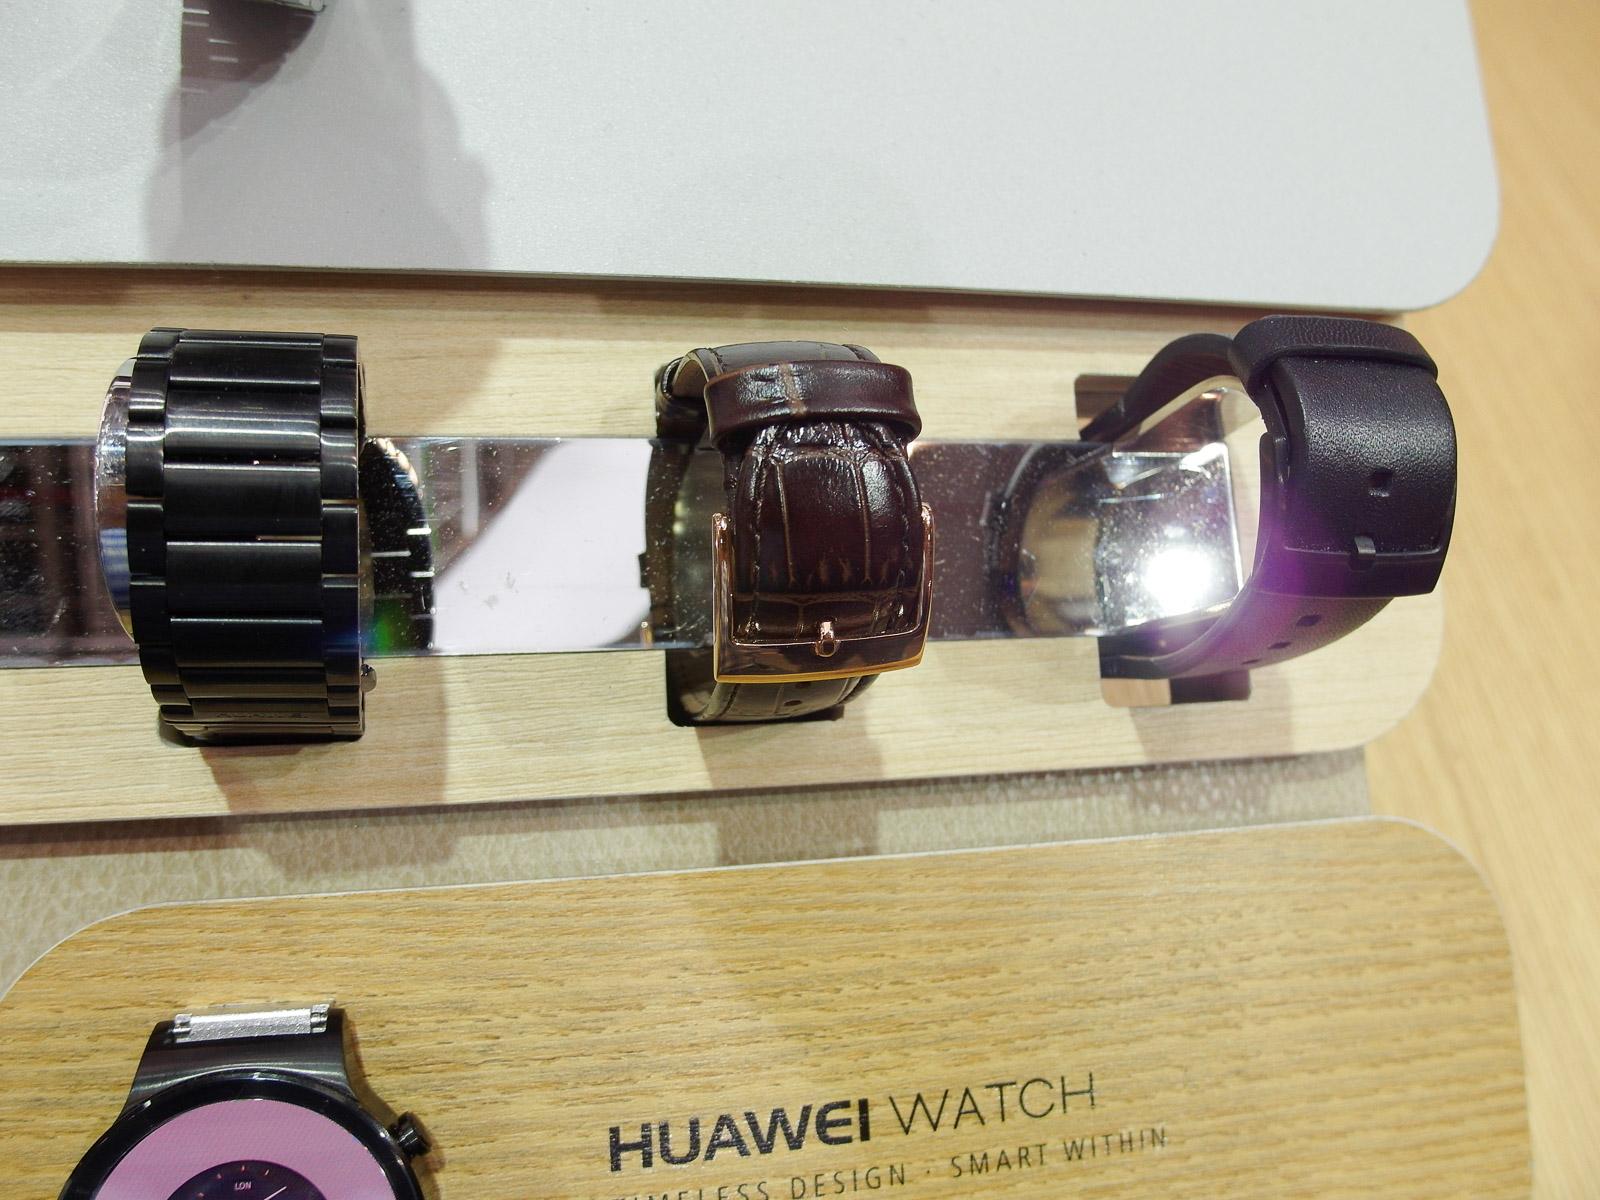 huawei_watch_002